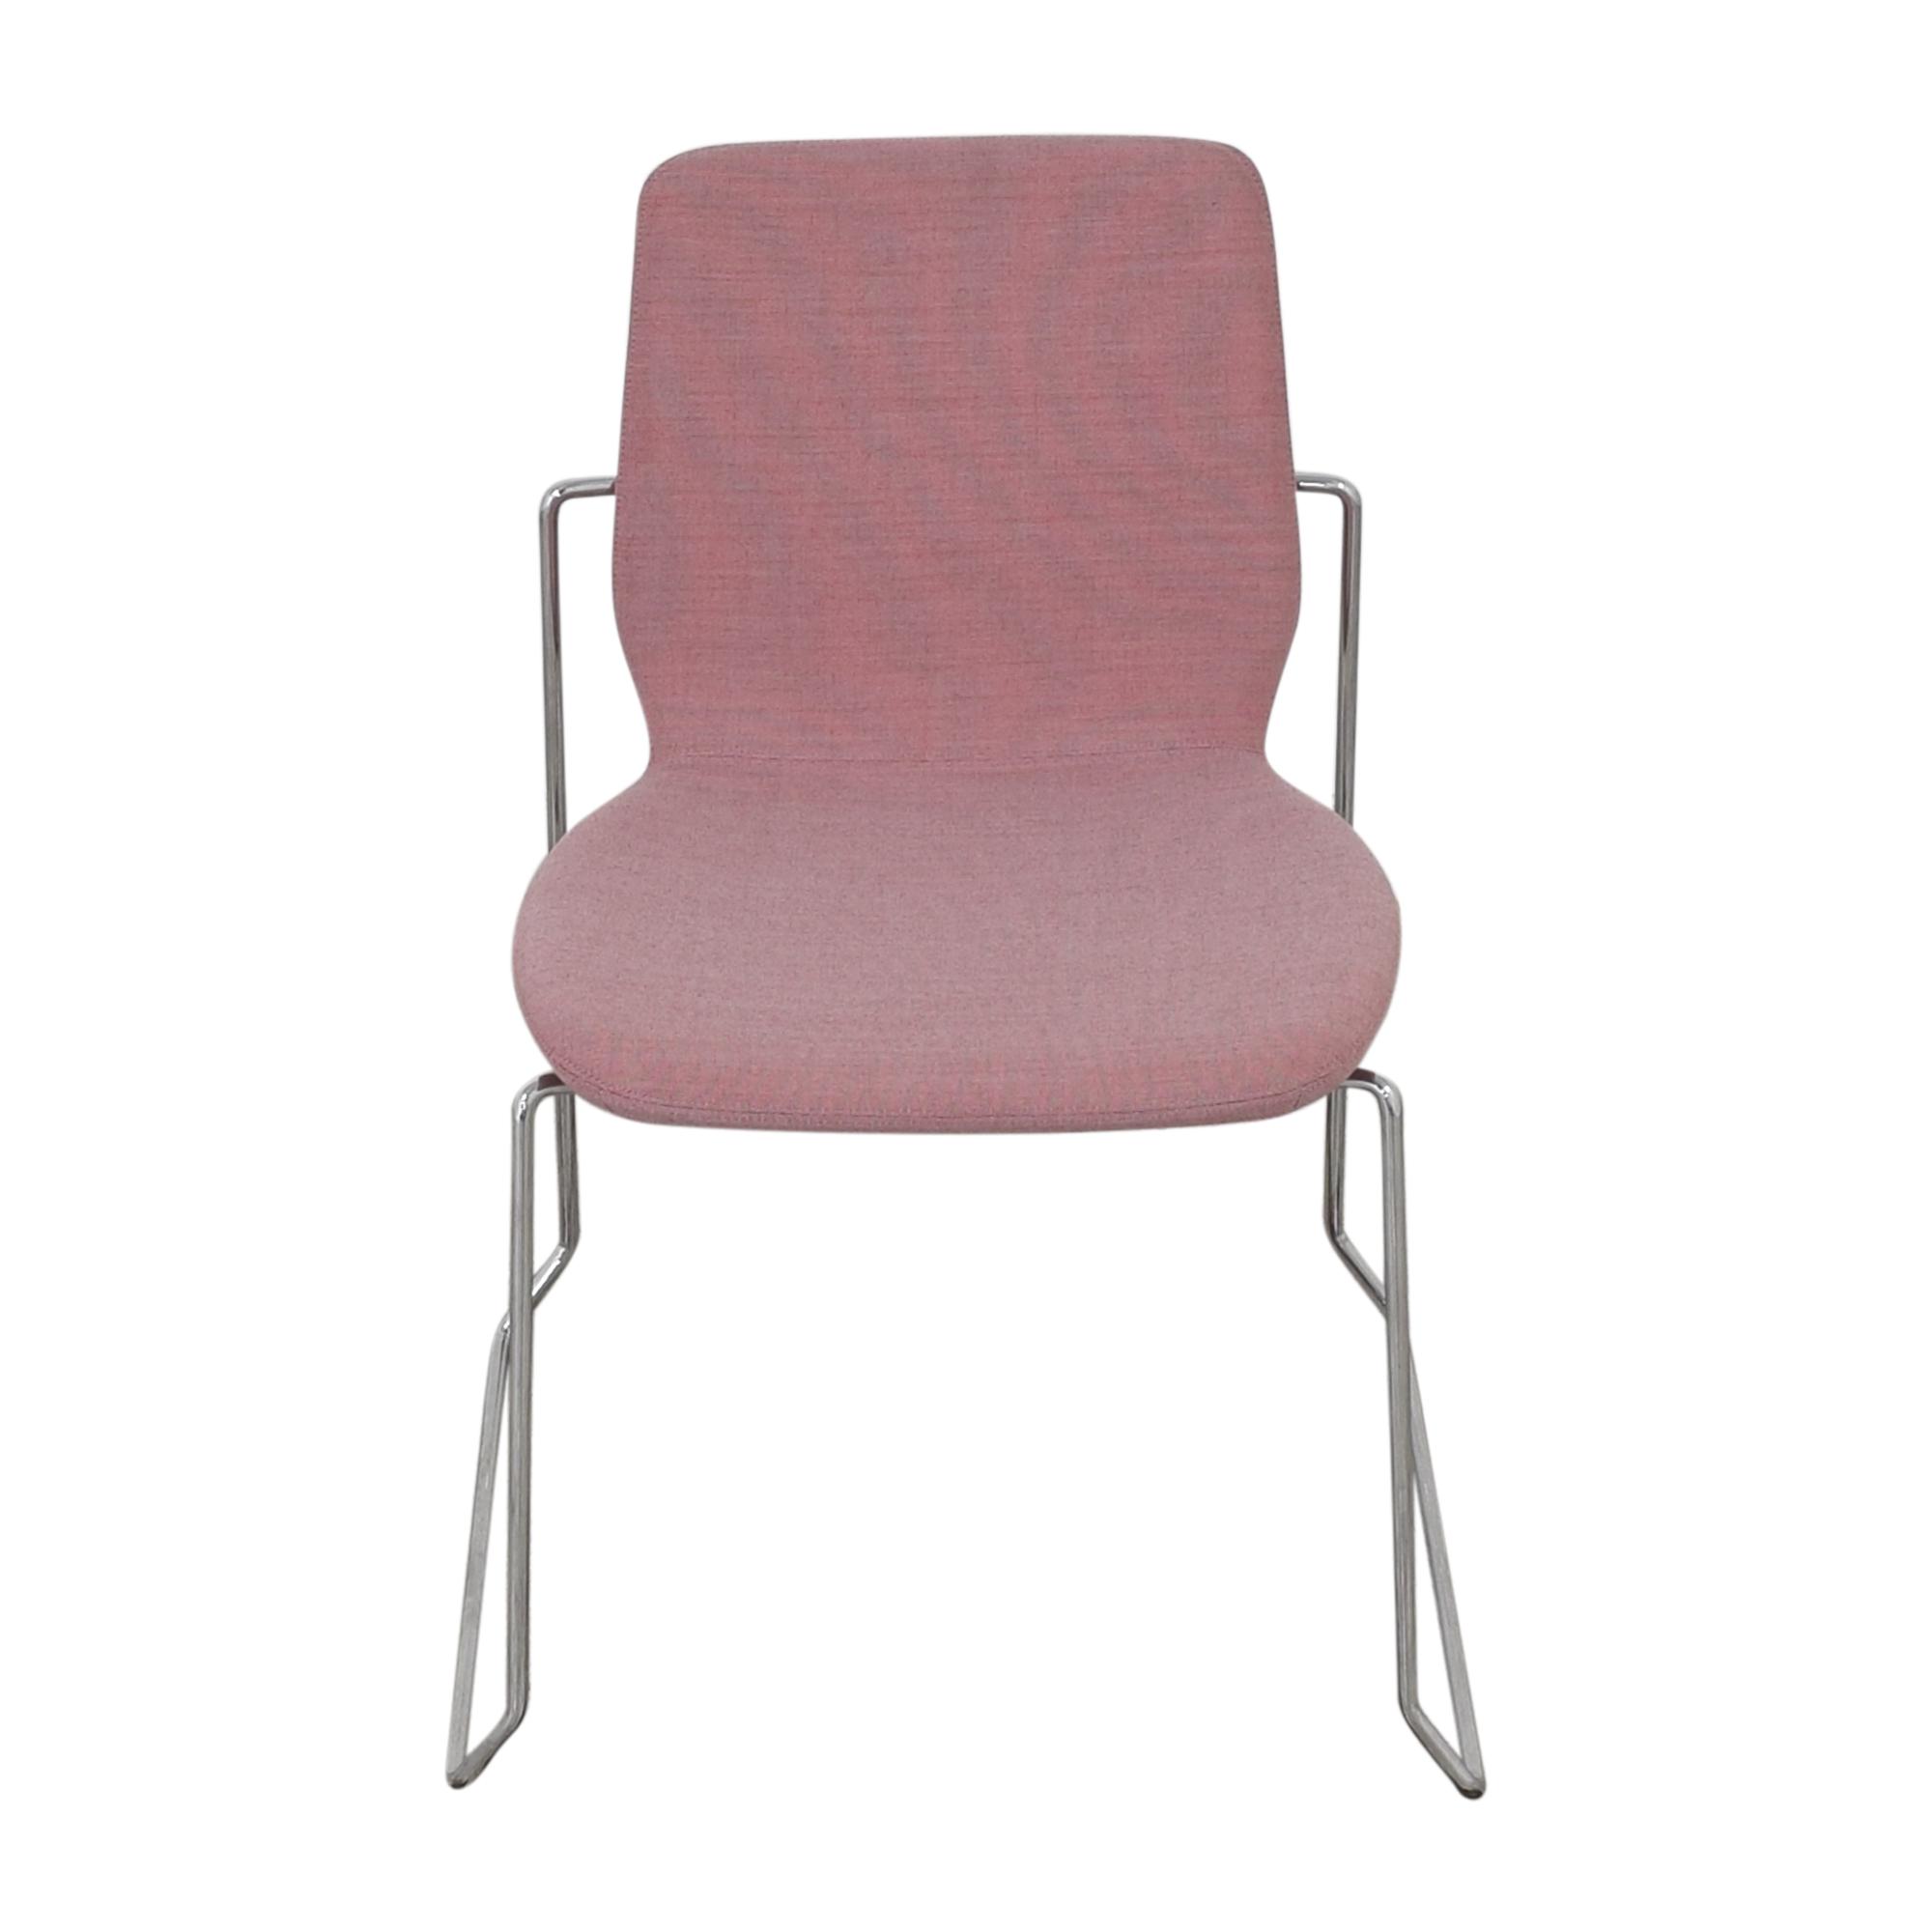 buy Koleksiyon Asanda Armless Chair Koleksiyon Accent Chairs